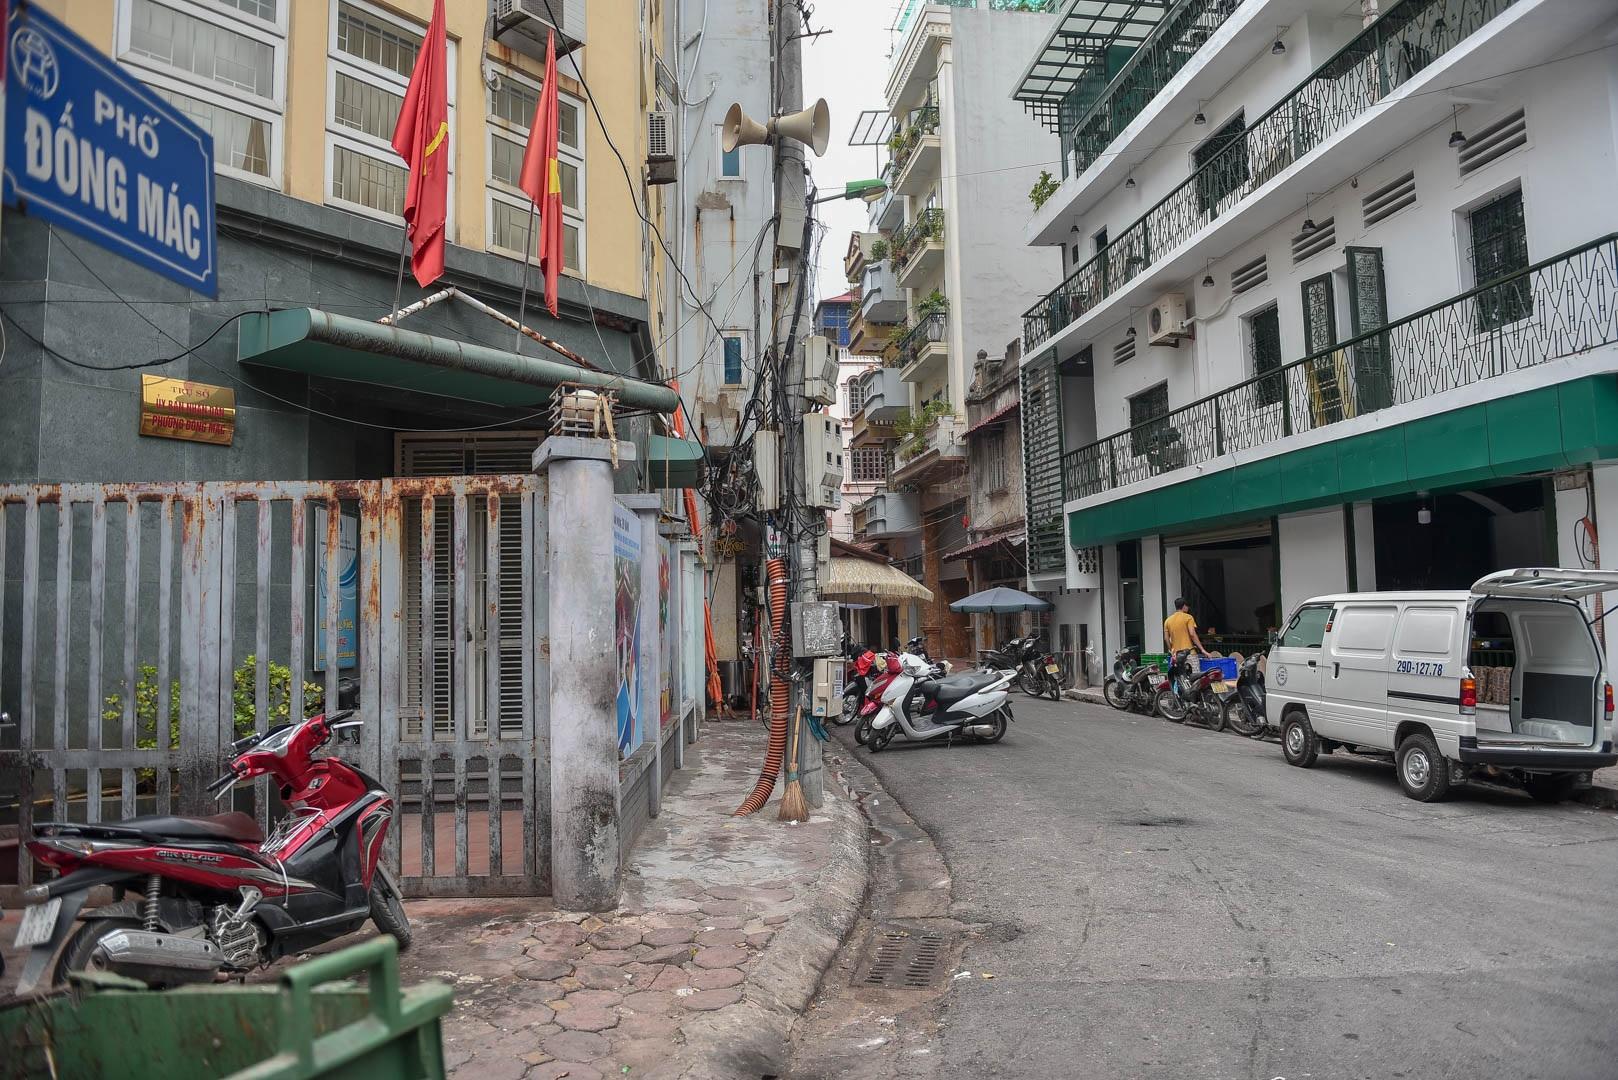 Điểm danh những con phố siêu ngắn ở Hà Nội - 13